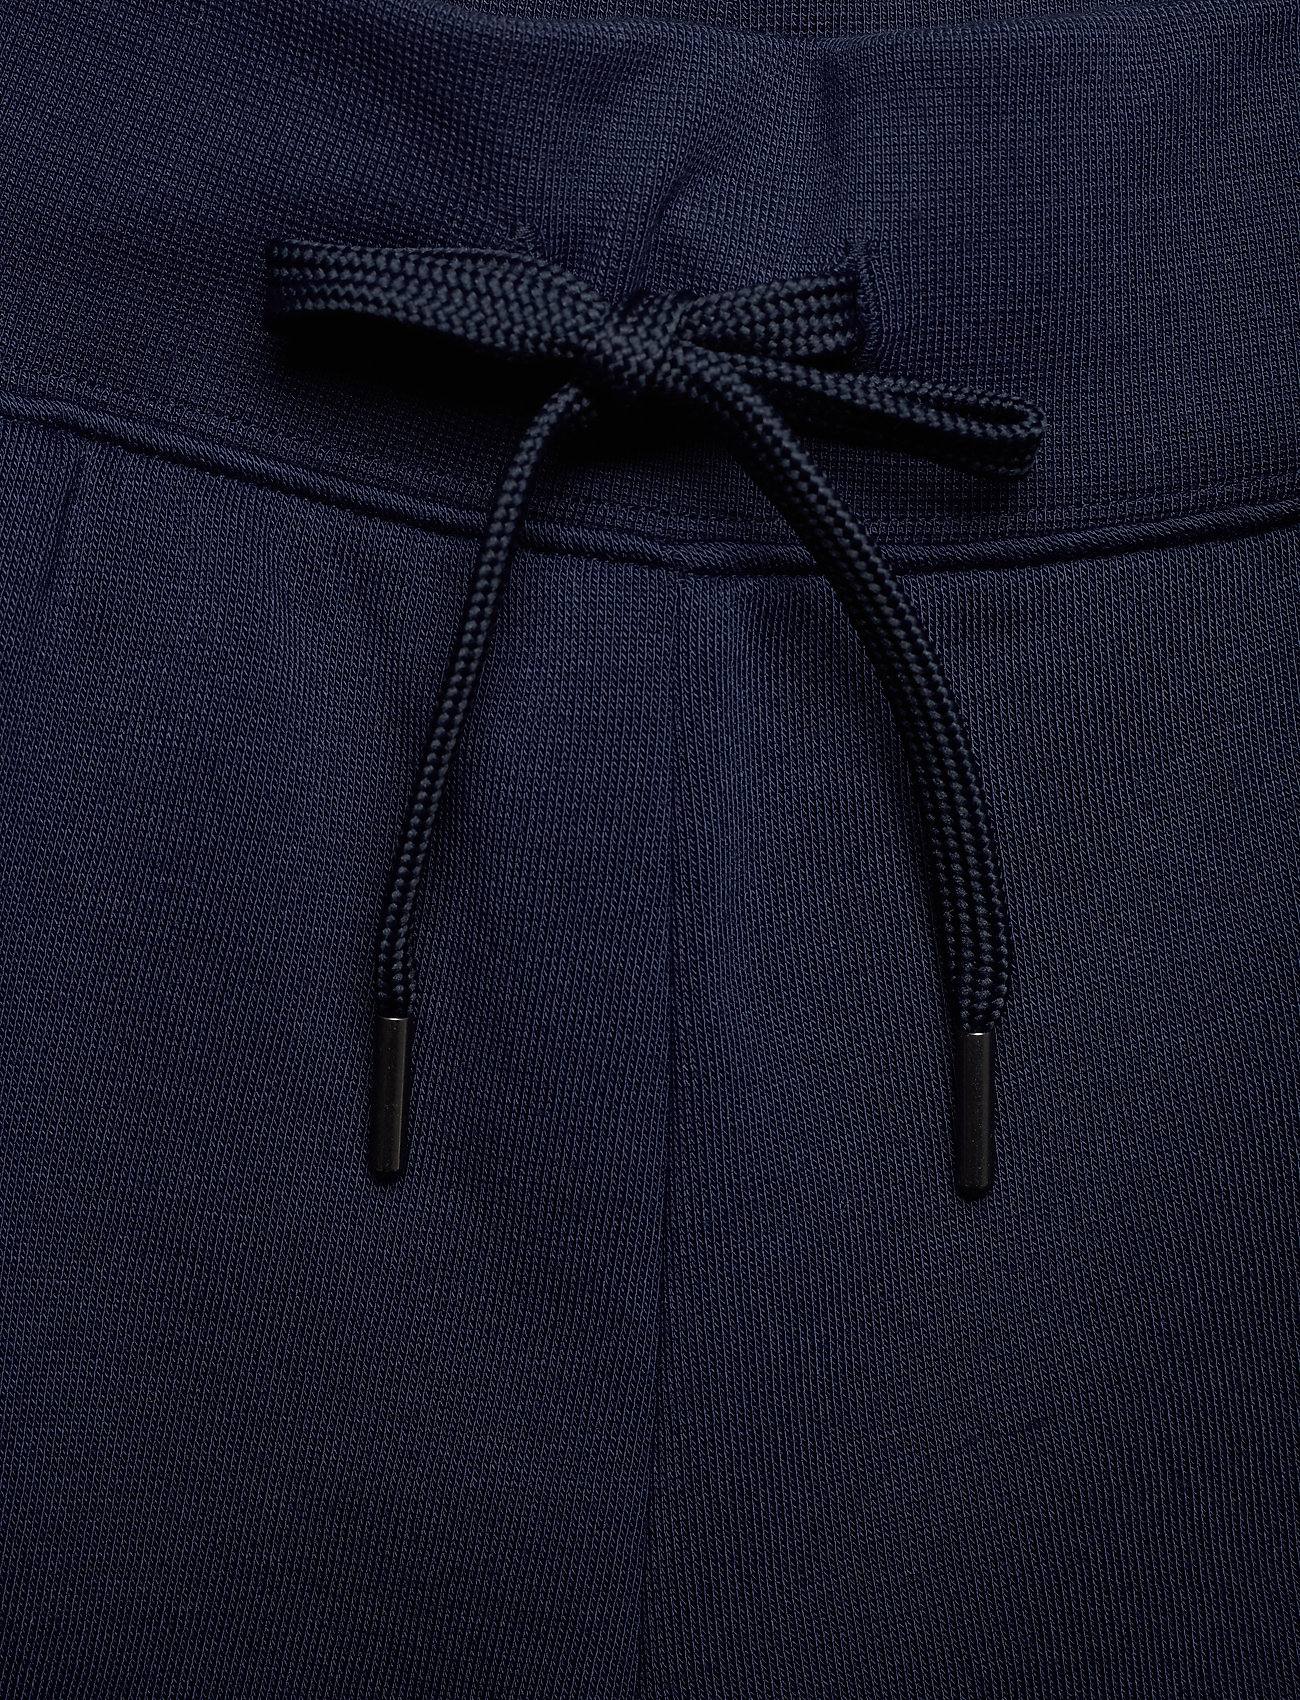 Polo Ralph Lauren Graphic Fleece Short - Shorts Cruise Navy